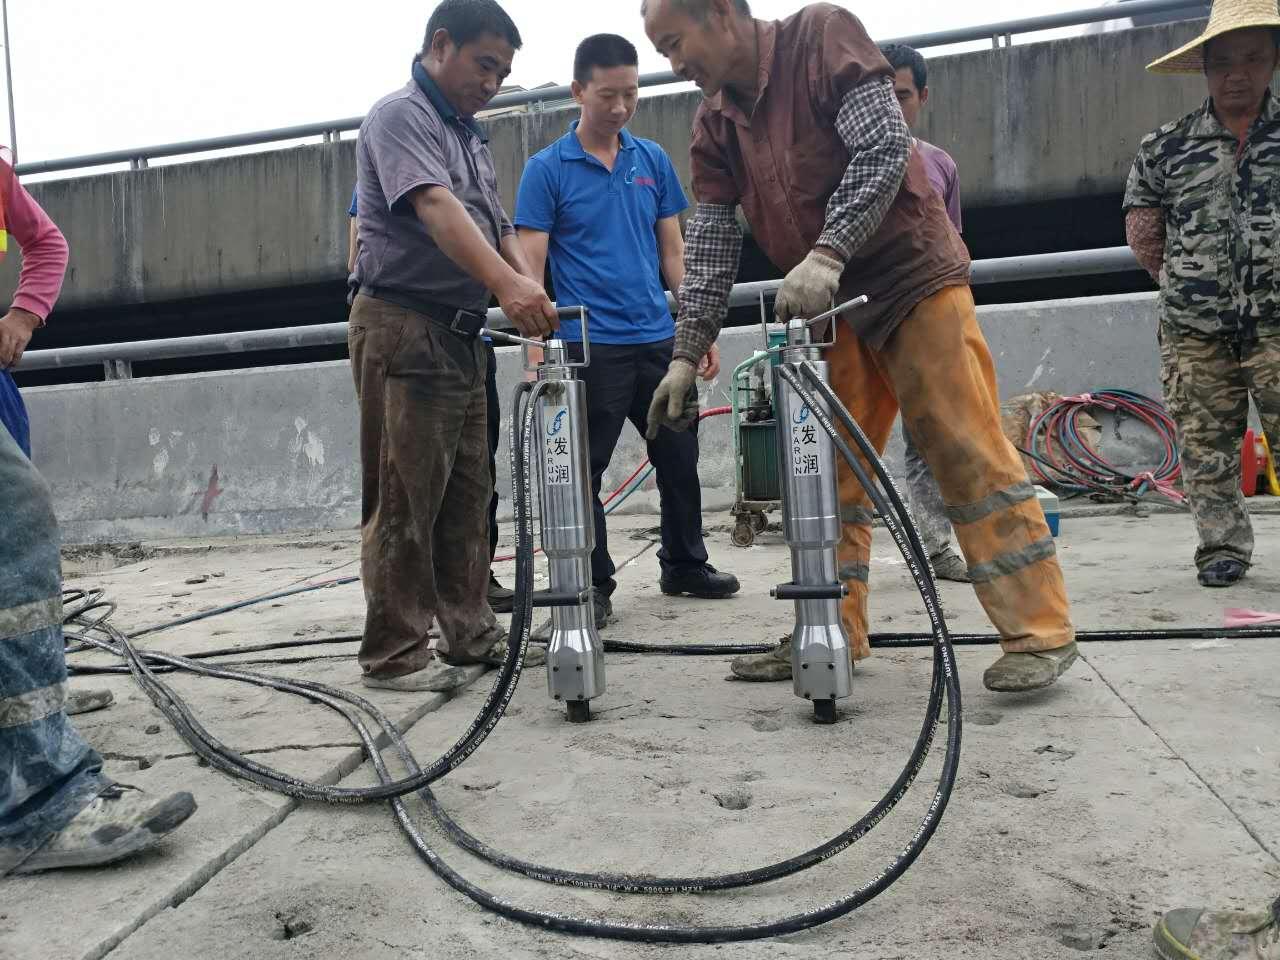 推薦:朔州 挖掘機載劈裂機 土石方挖石頭新設備